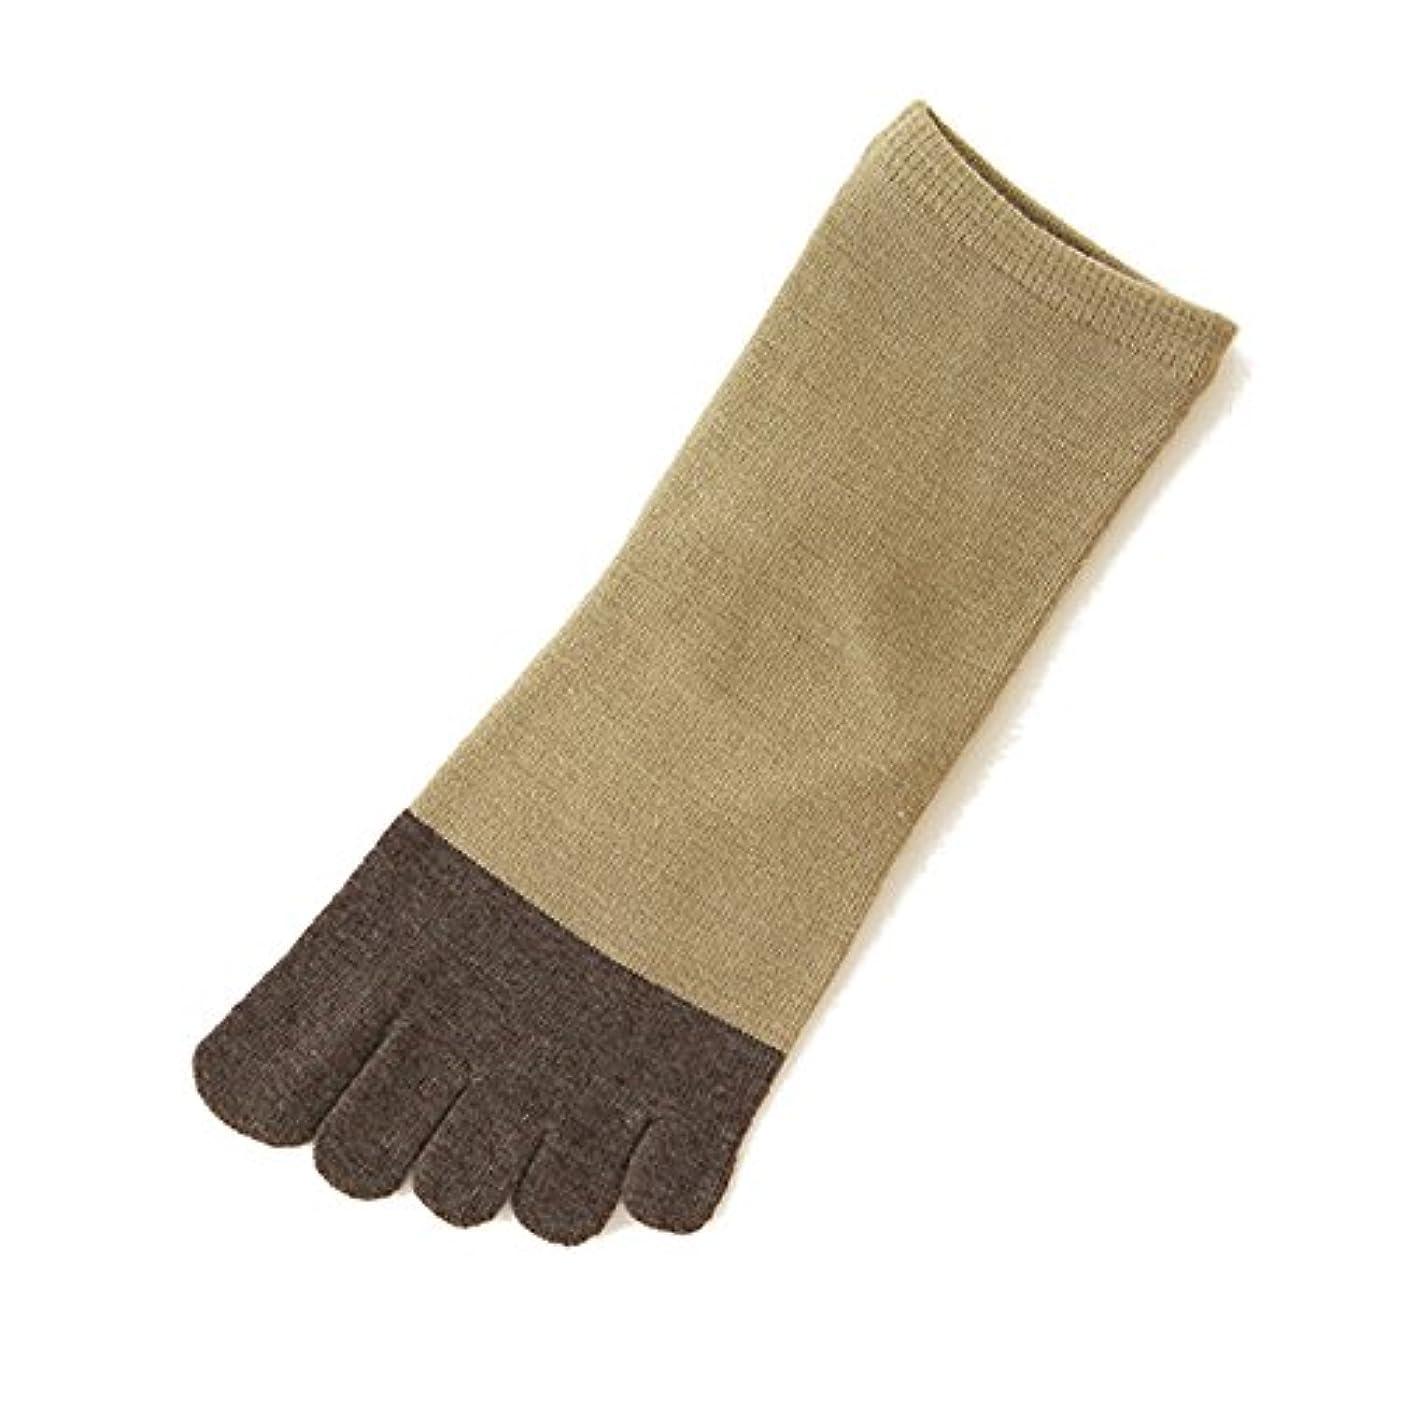 帰する悪質な集中[靴下屋]クツシタヤ 2面切り替え5本指ソックス 22.0~24.0cm 日本製 五本指靴下